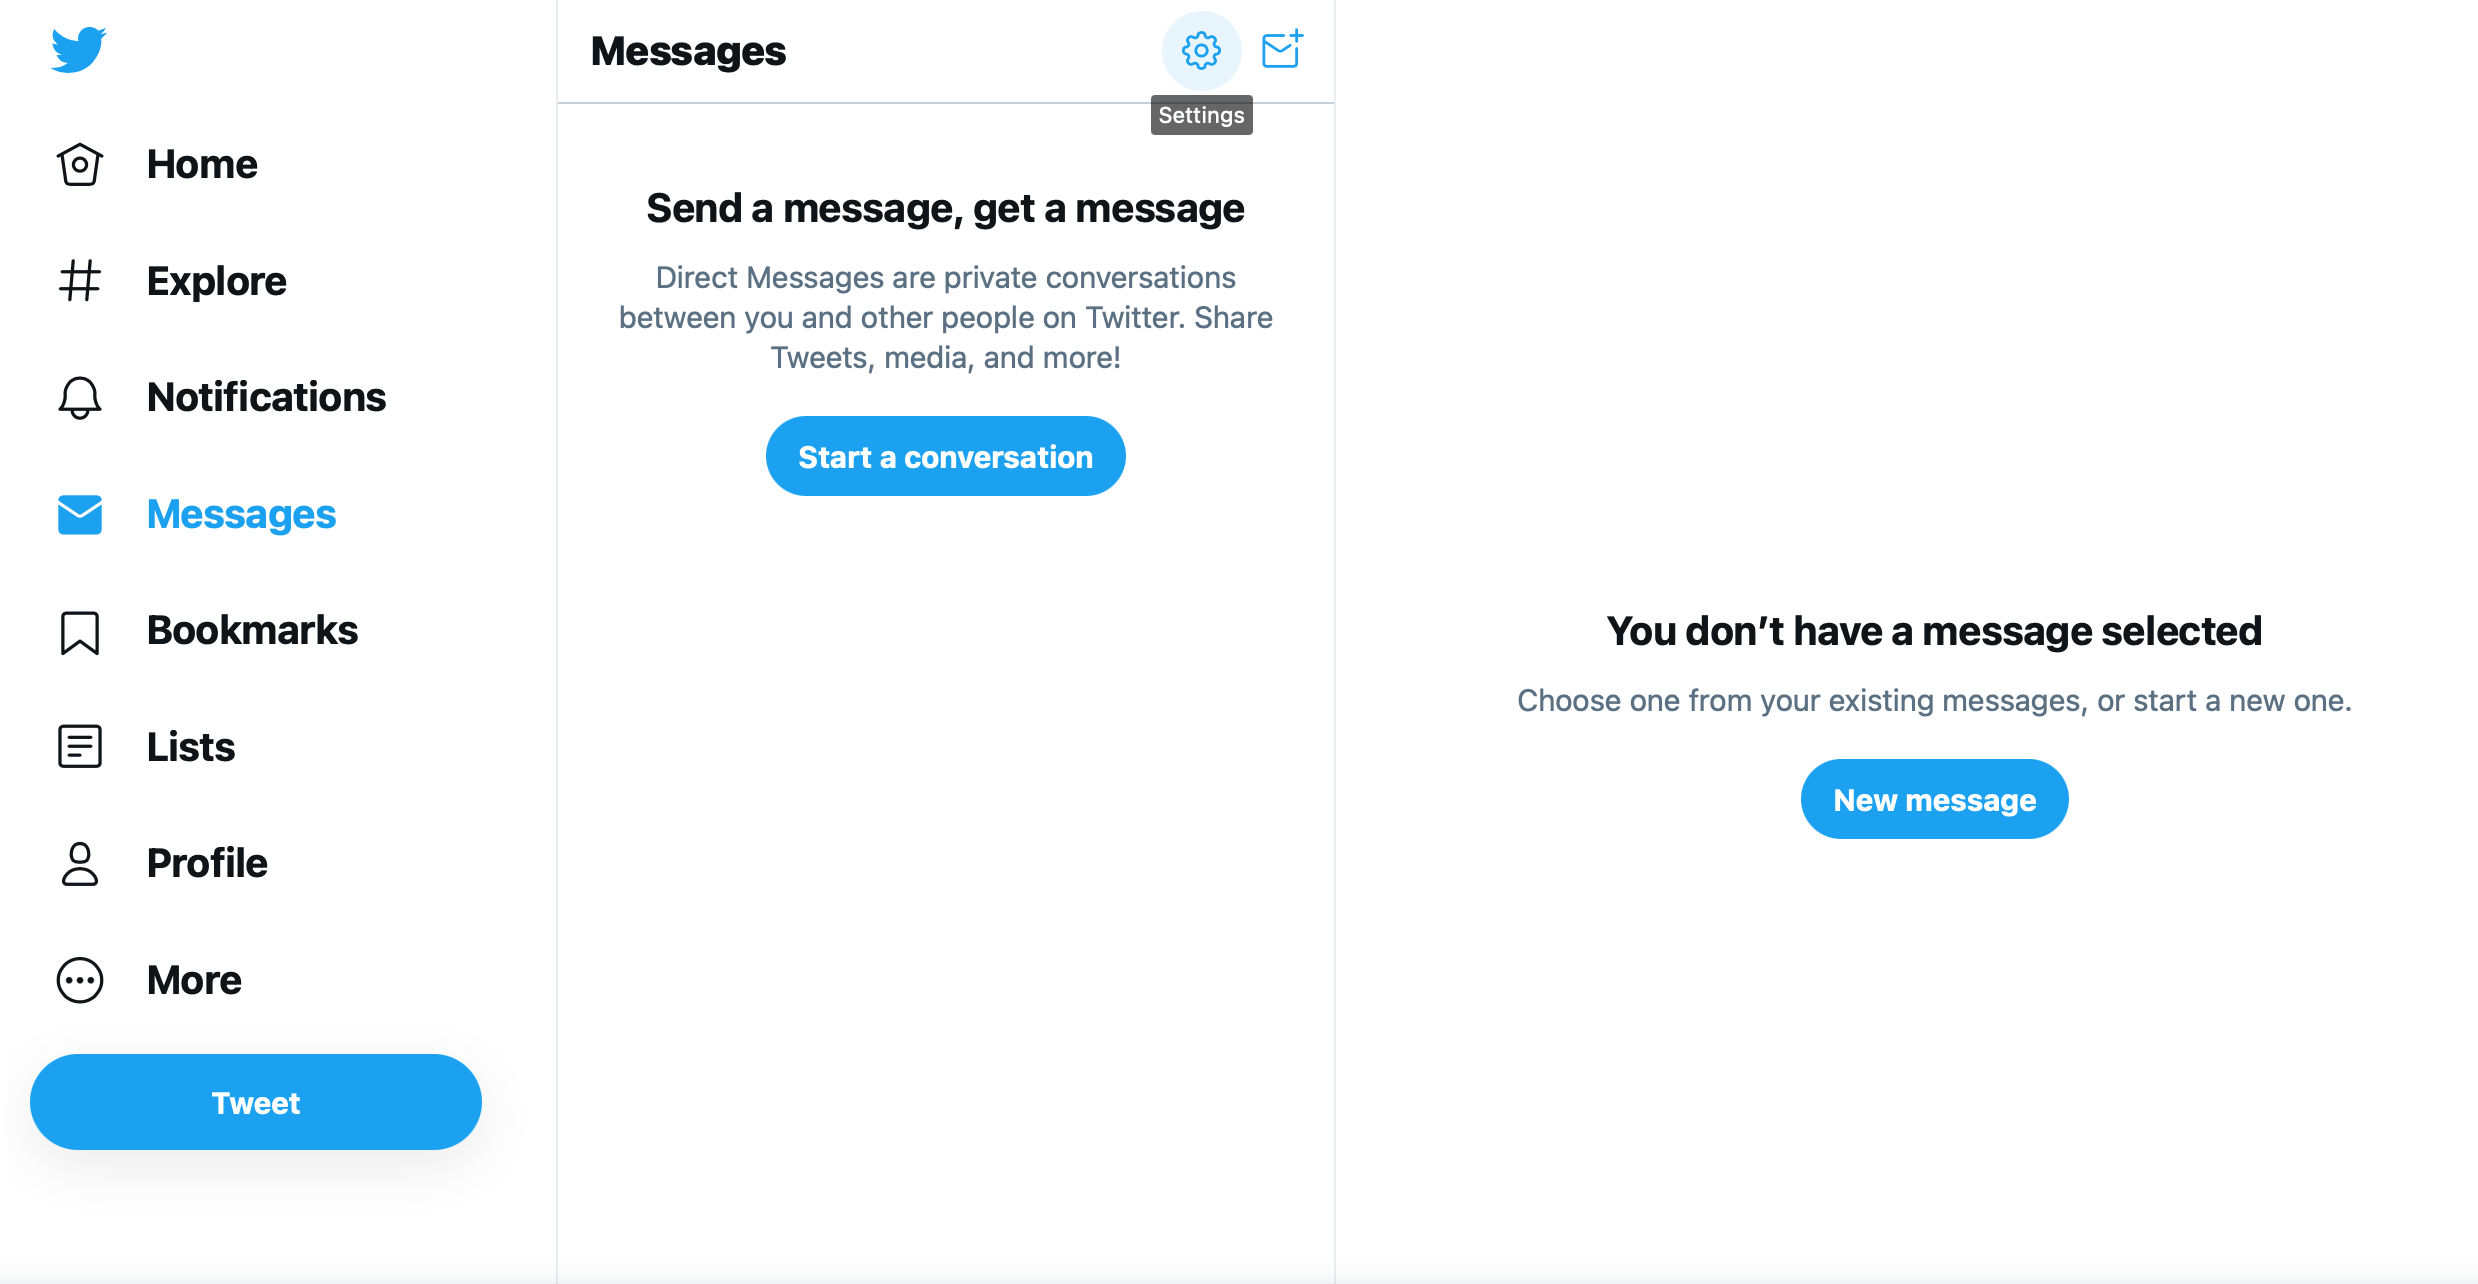 Direct messaging settings for Twitter on desktop